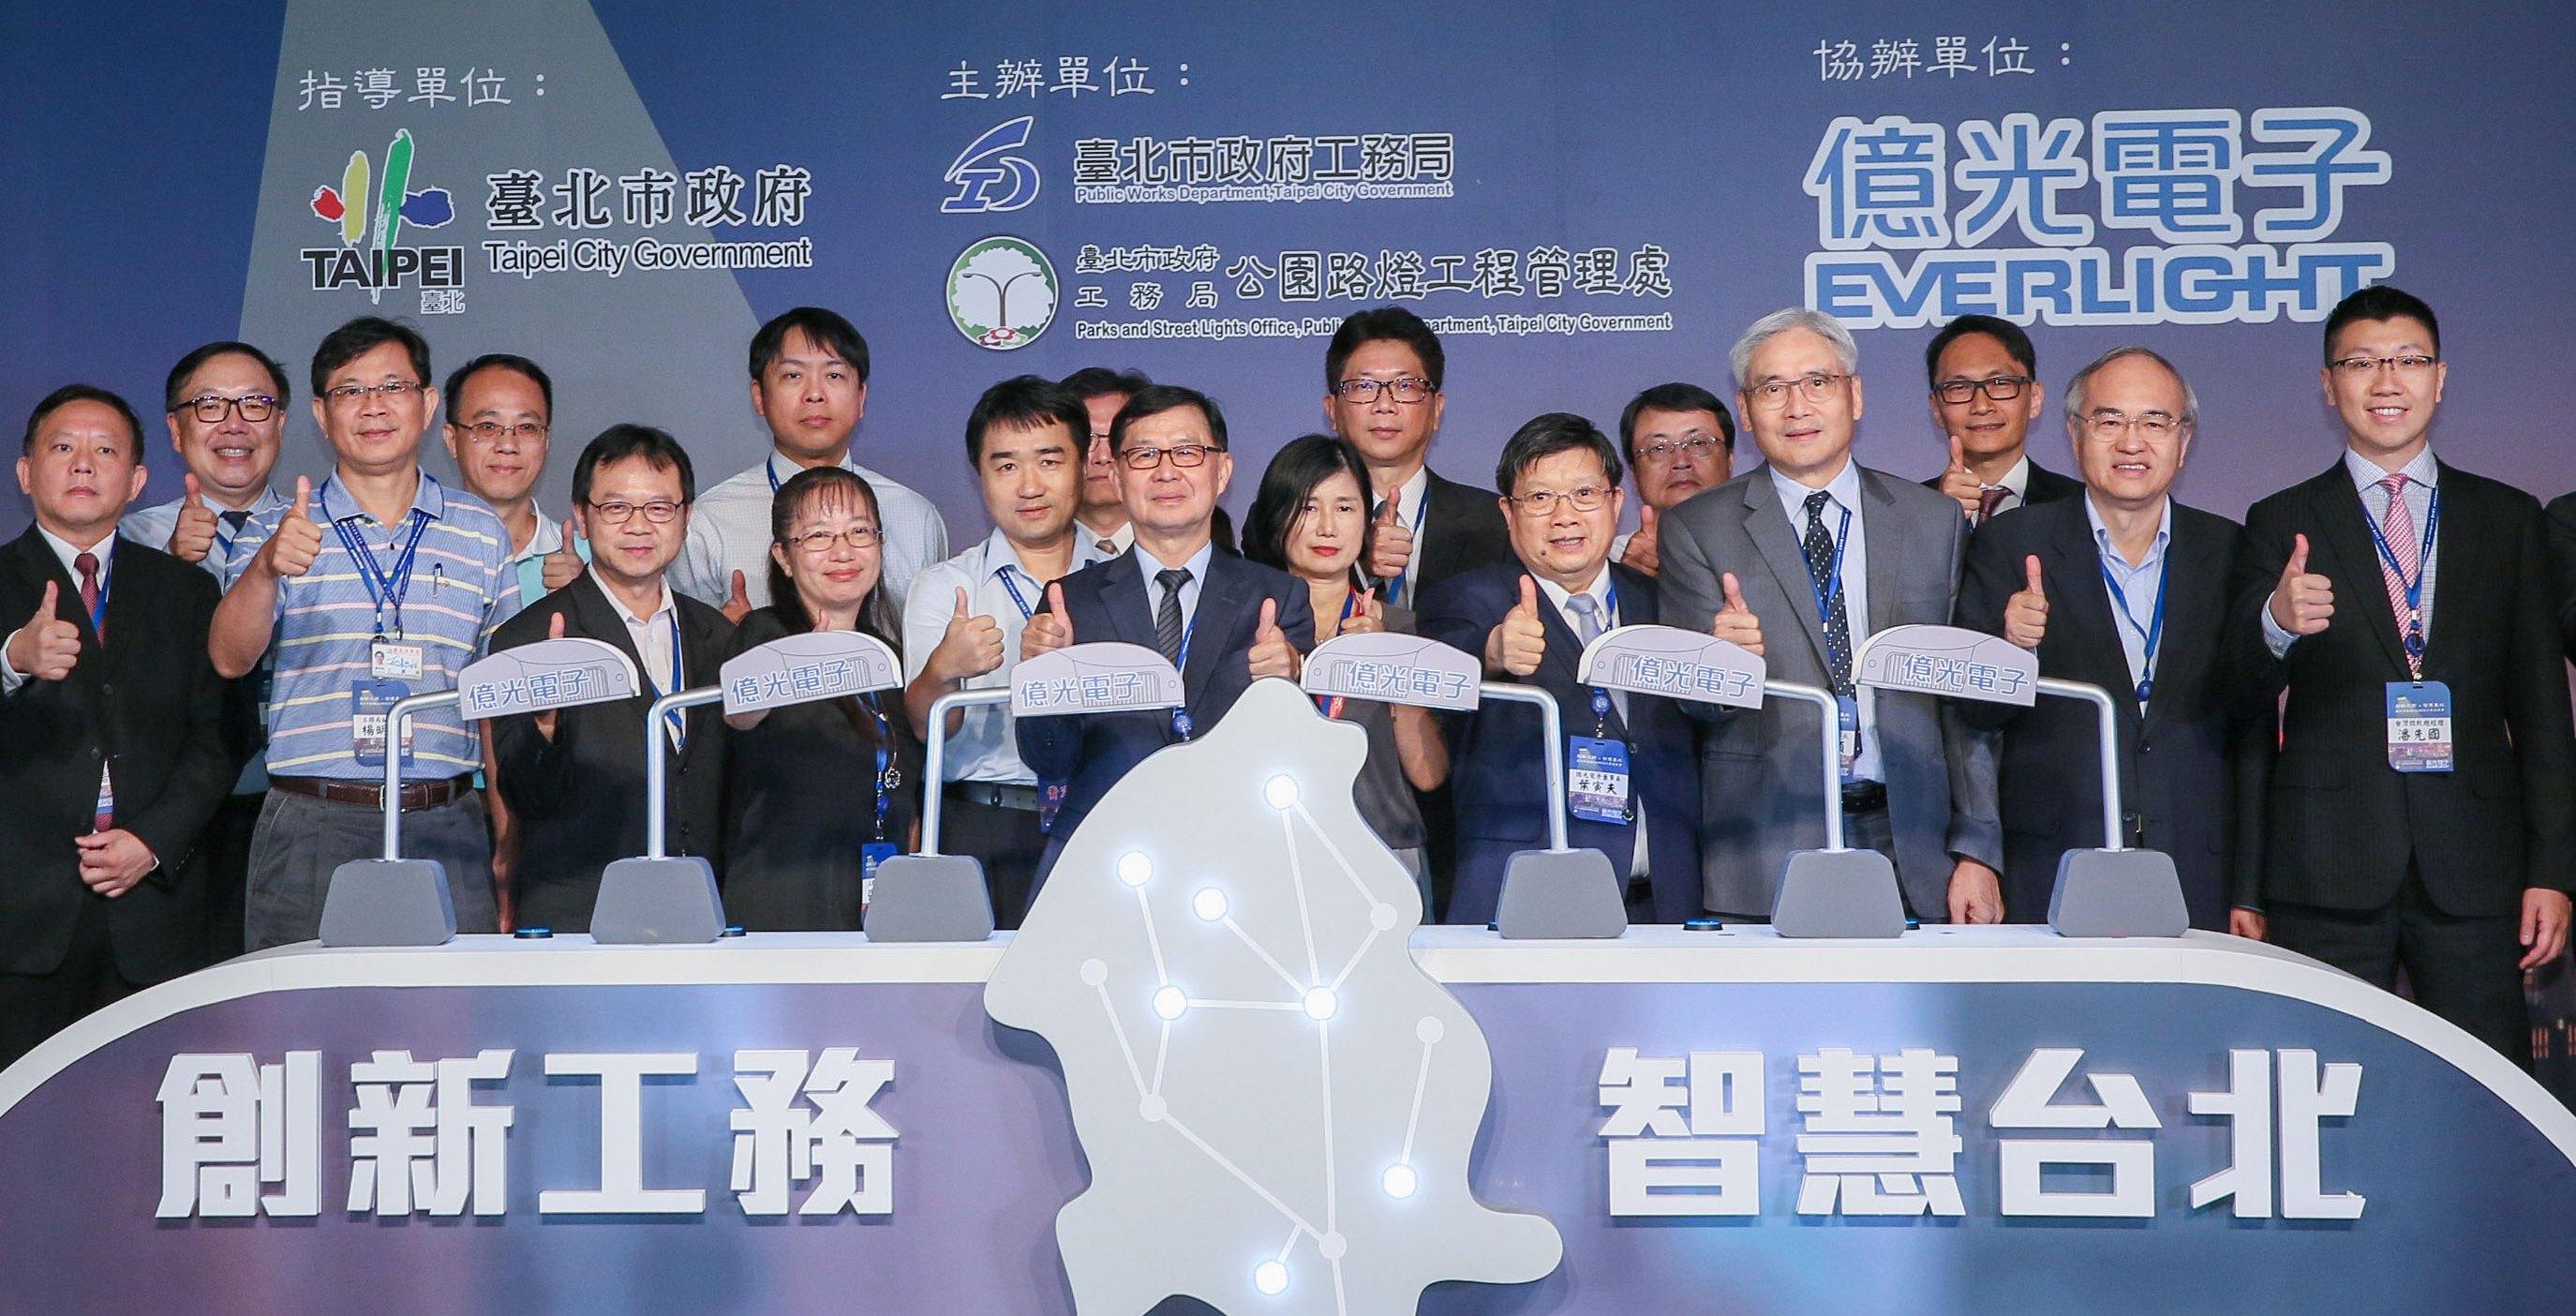 億光協力推動「臺北市LED照明裝設預約工程」